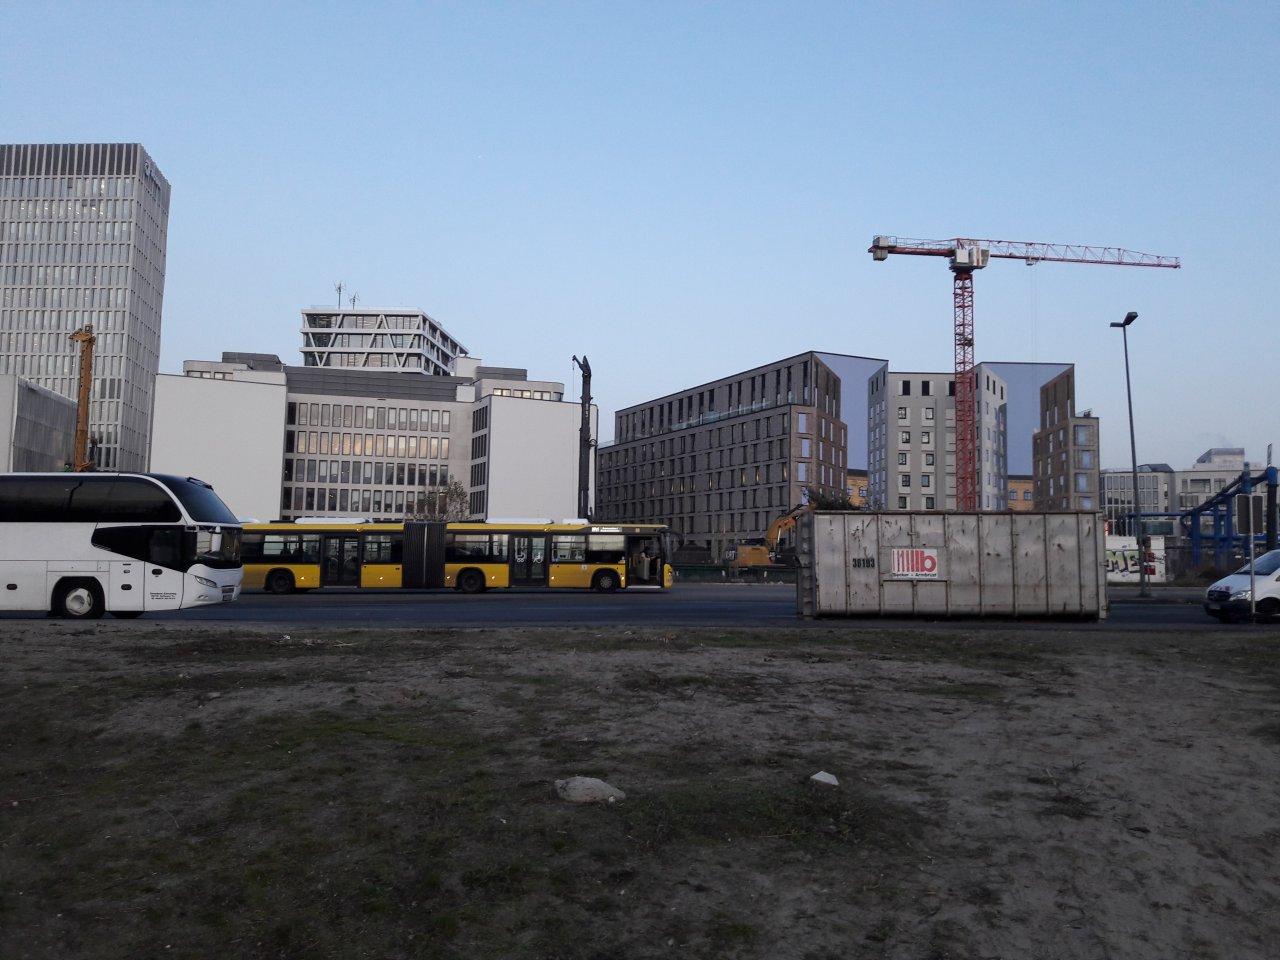 Baustelle-Berlin-Hauptbahnhof.jpg